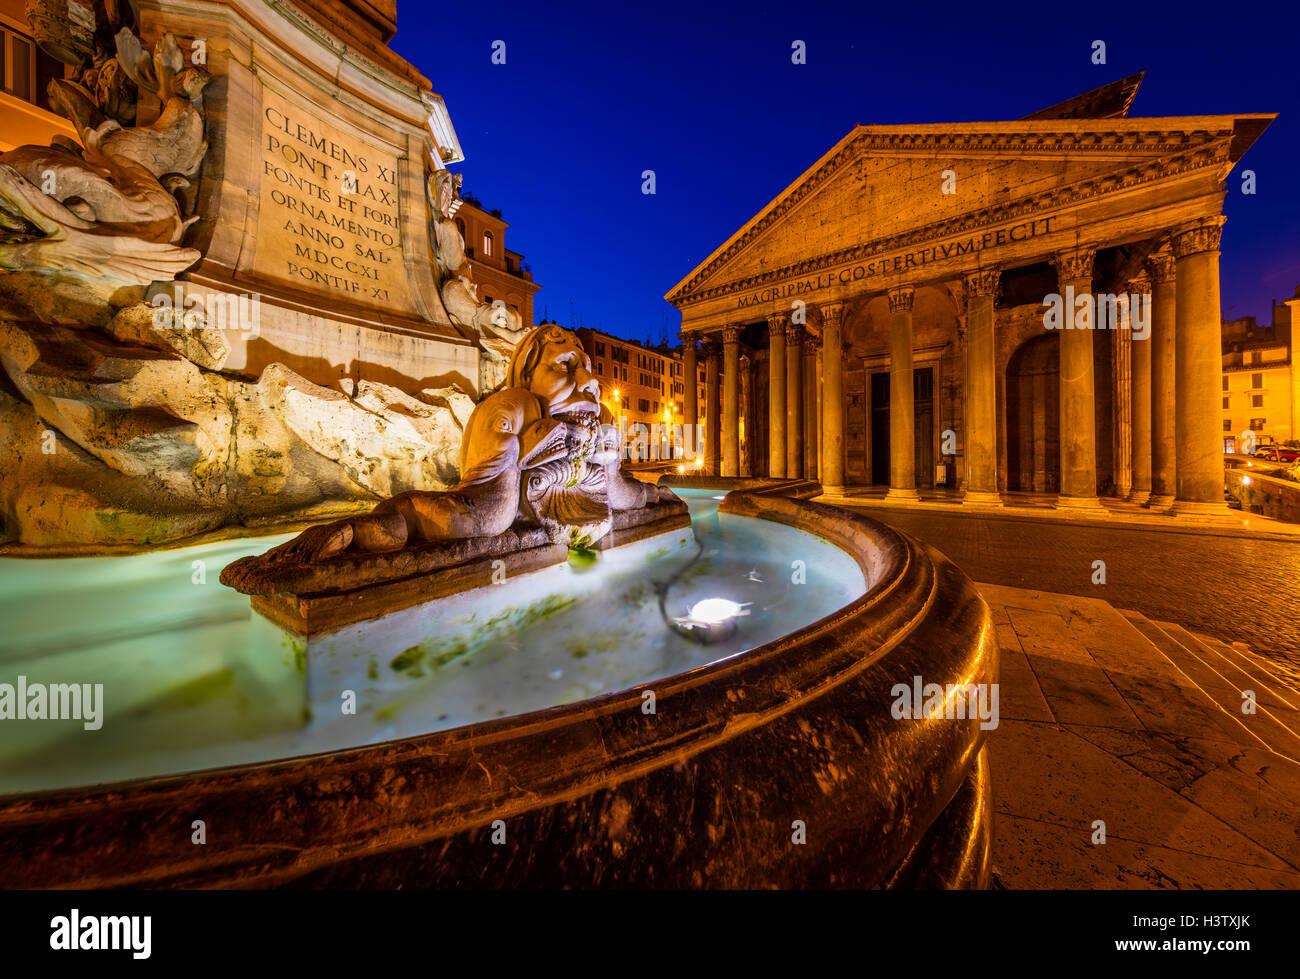 La Fontana del Pantheon fontaine en face du Panthéon de Rome, Italie. Photo Stock